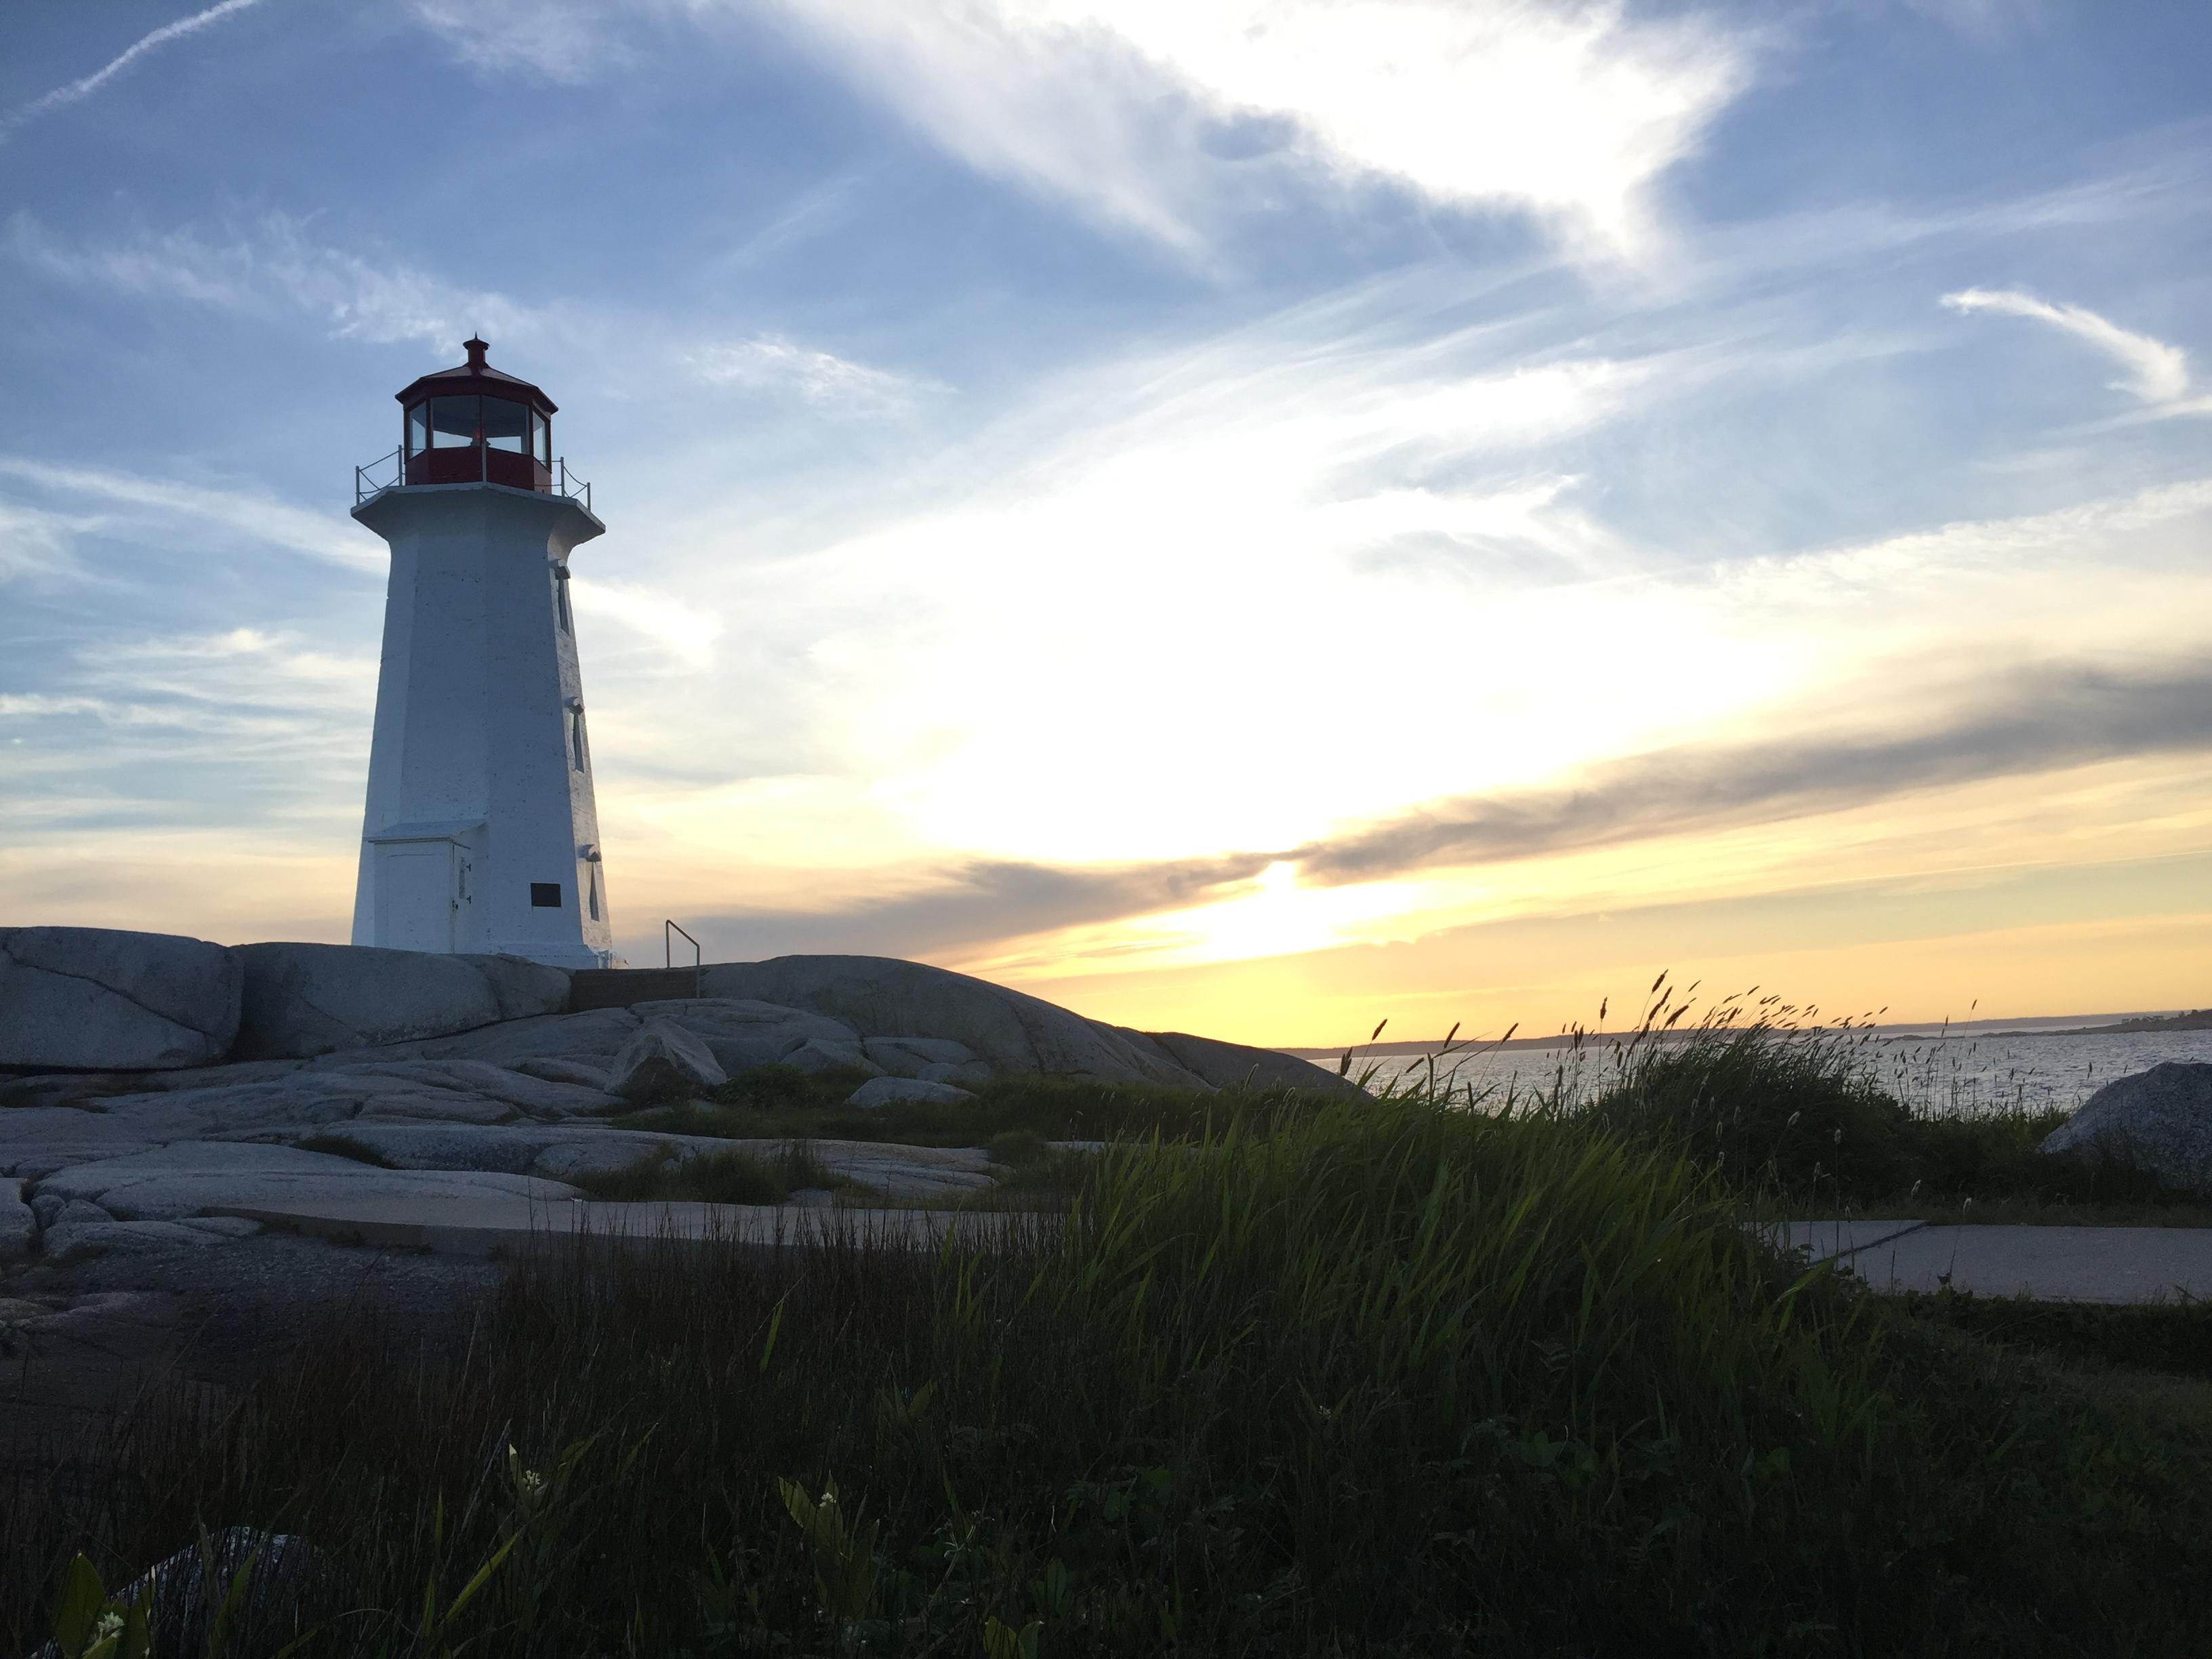 Mein Schiff Sehenswürdigkeit: Peggy's Point Lighthouse (c) Stefanie Nake